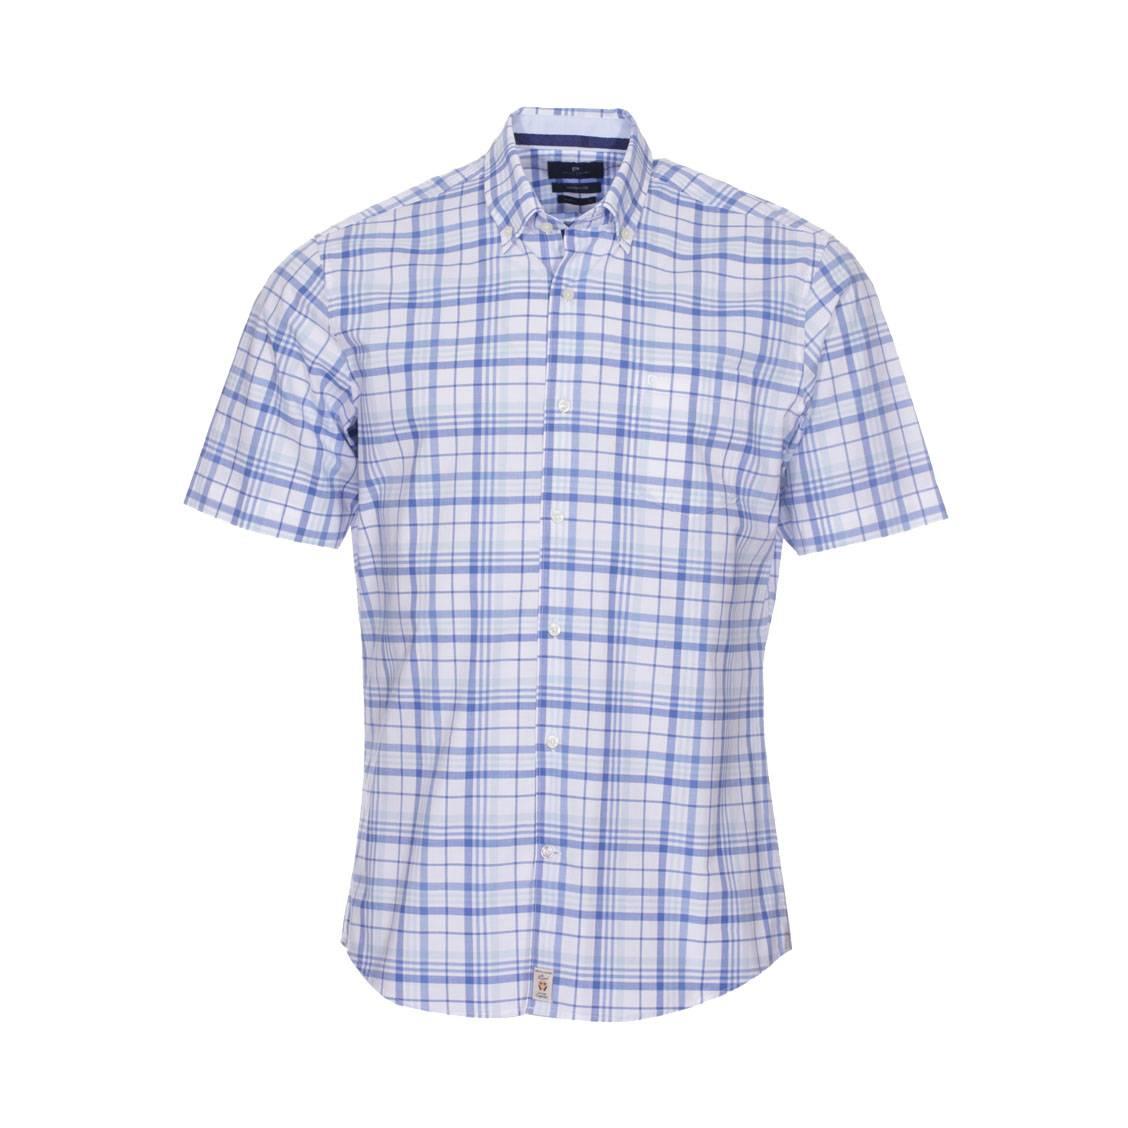 Chemise cintrée  en coton à carreaux bleu turquoise, bleui indigo et blancs